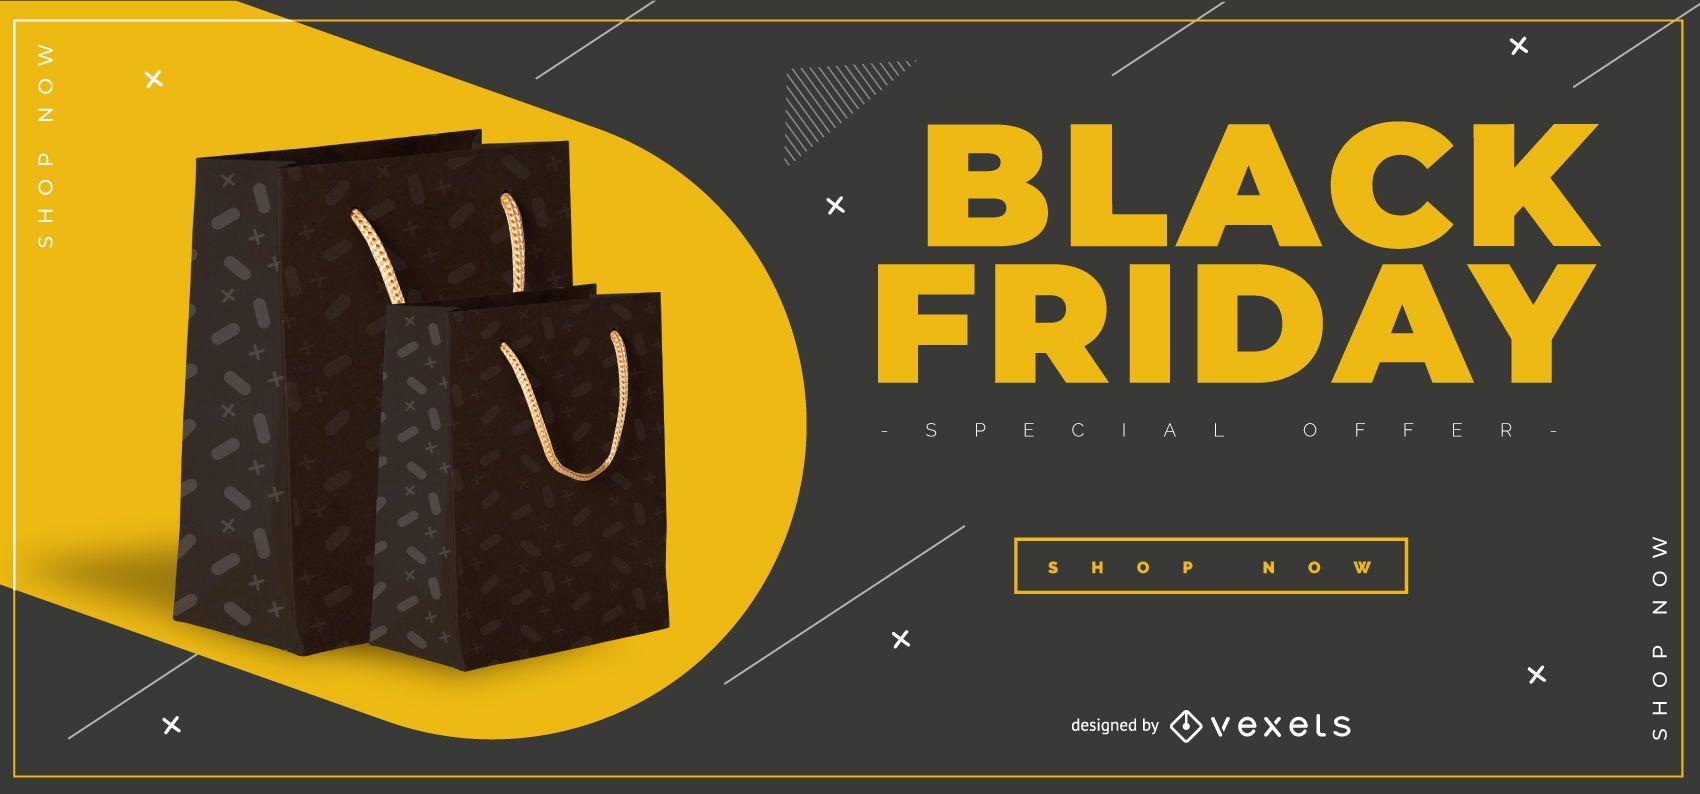 Plantilla de banner de bolsas de viernes negro